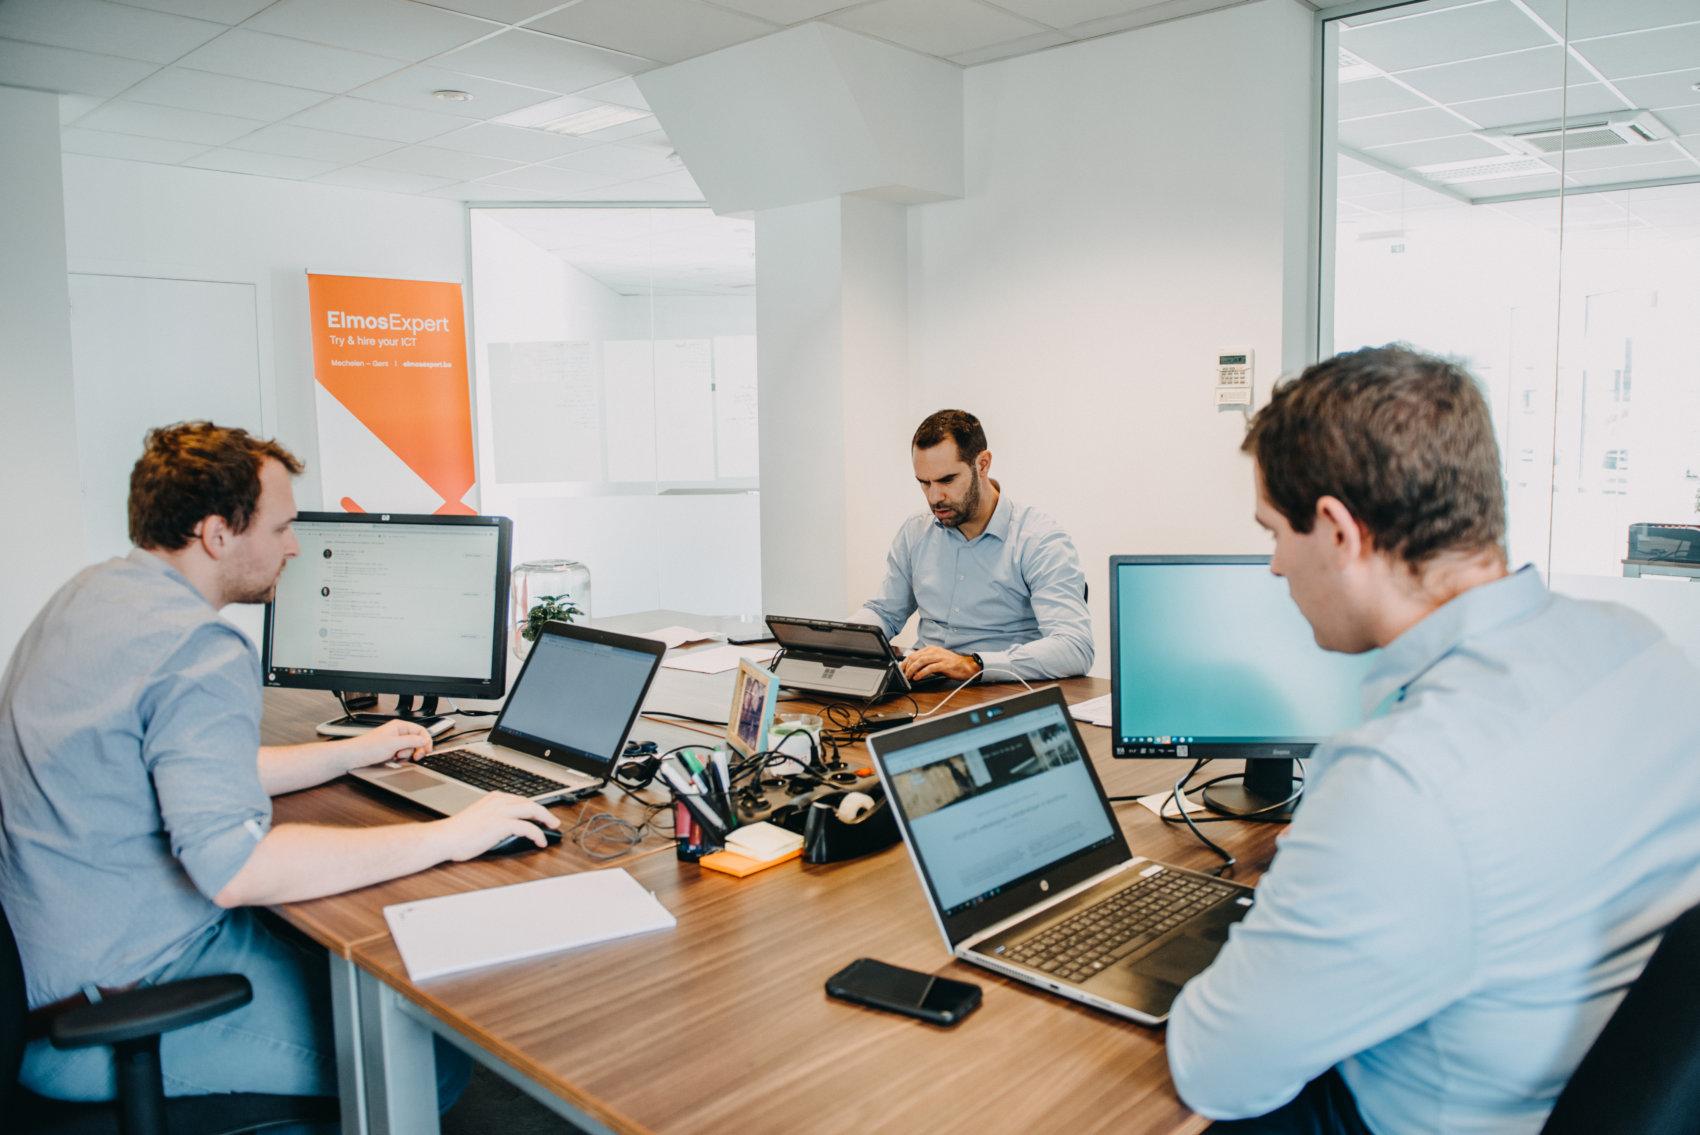 Werken in ICT, de collega's van ElmosExpert